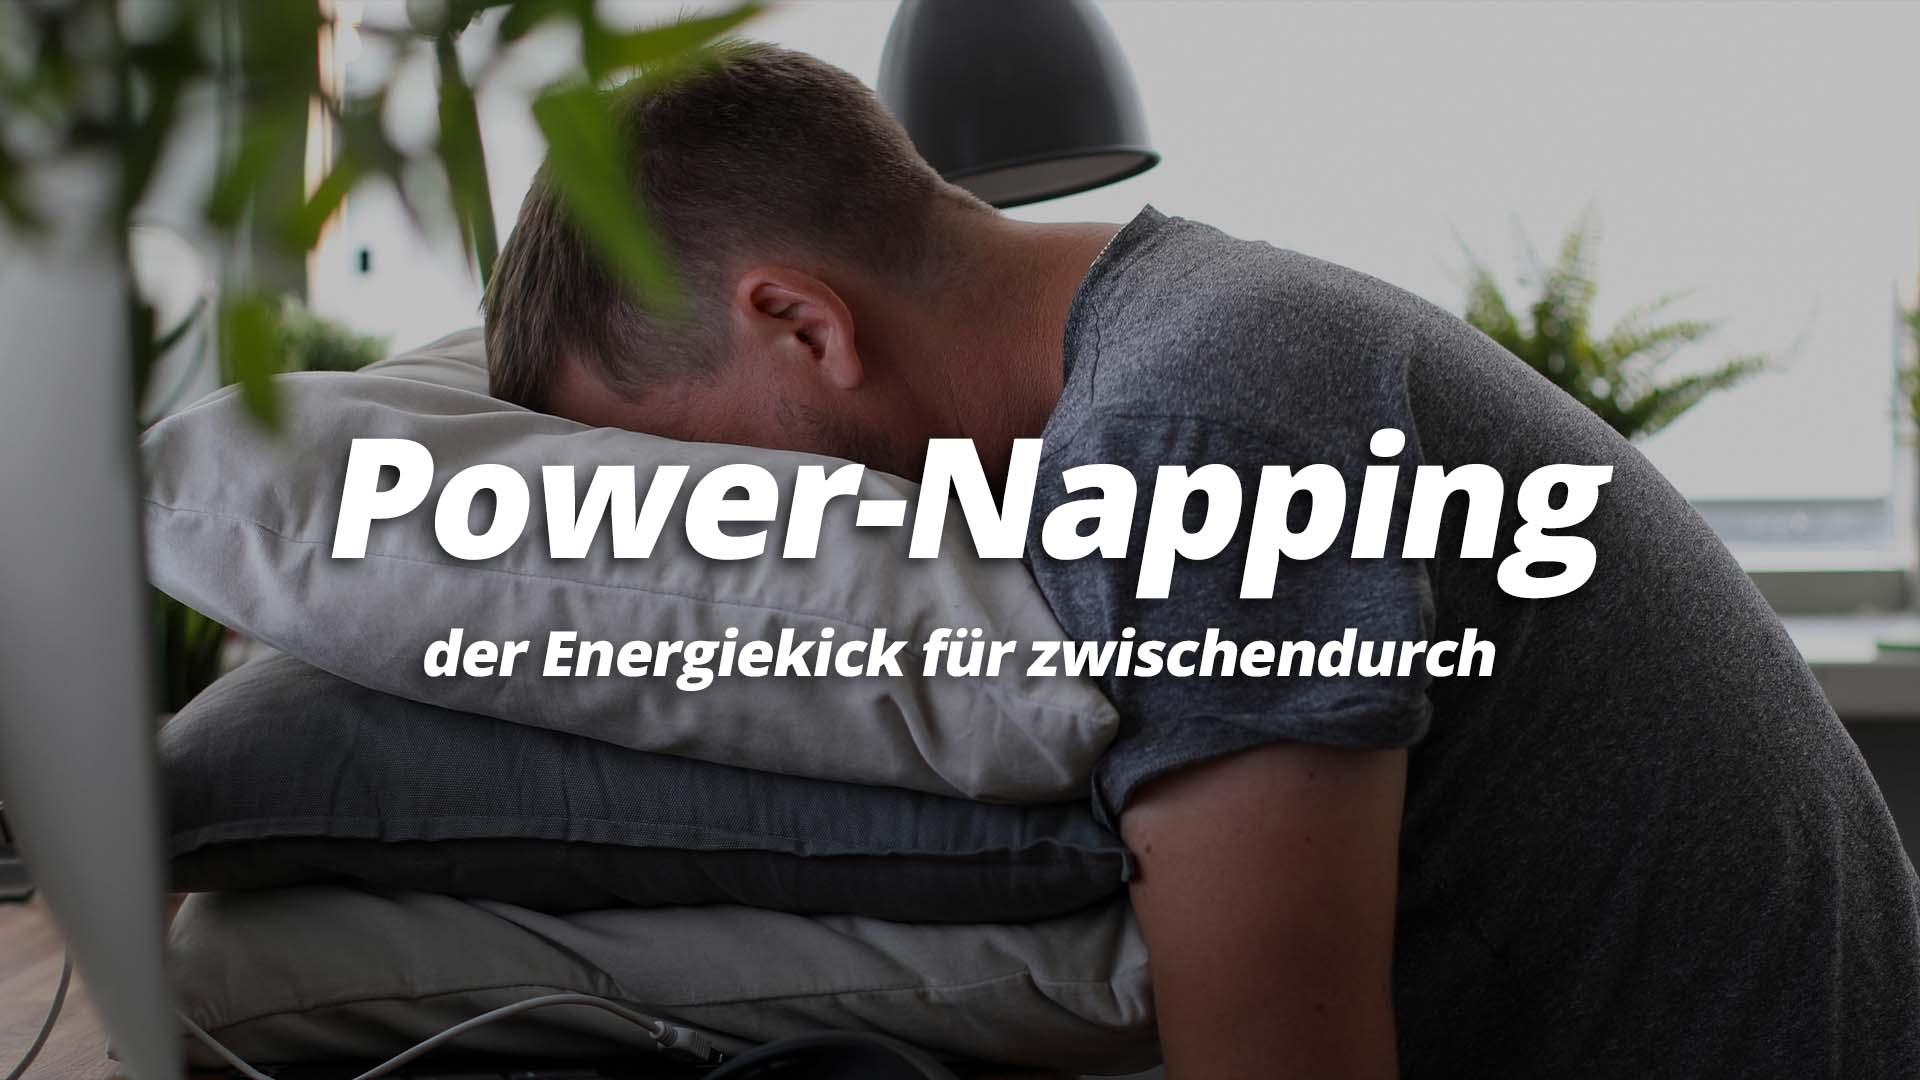 Power Napping der Energiekick für zwischendurch